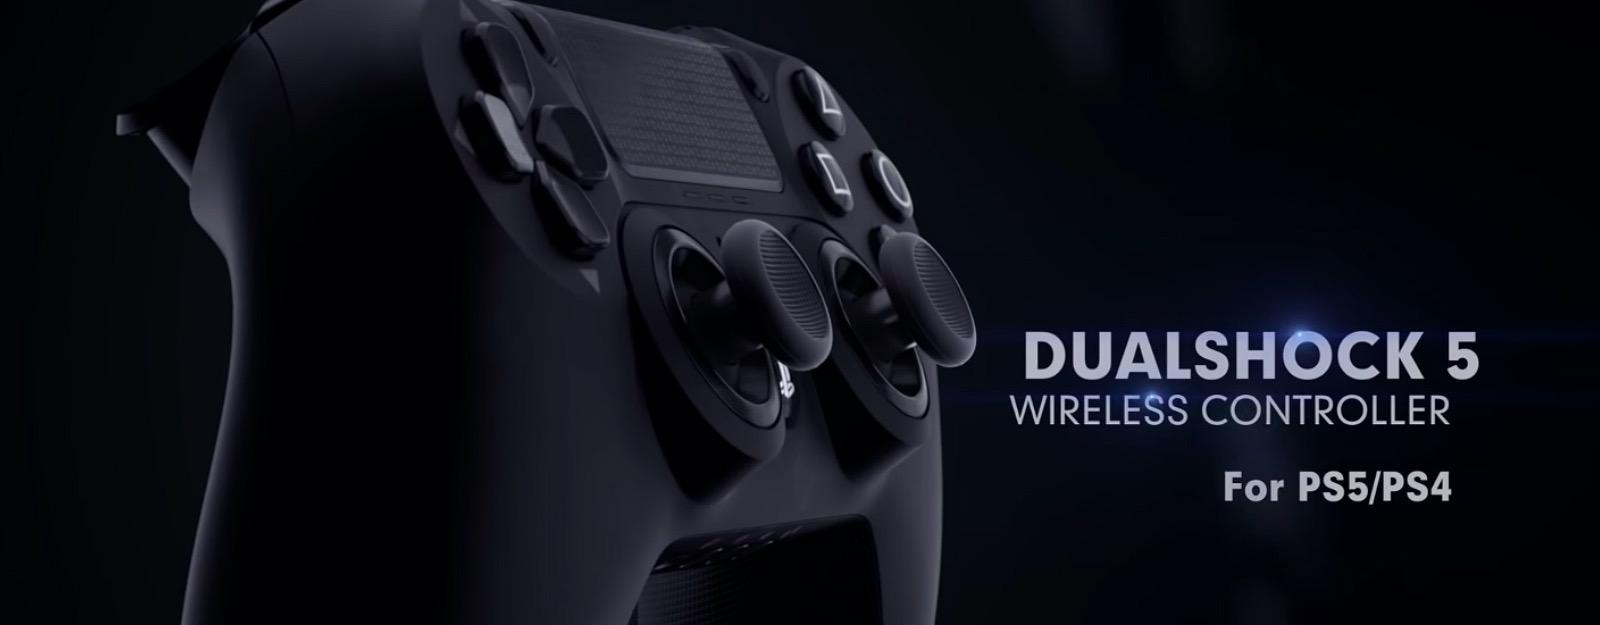 Sony, macht den neuen PS5-Controller bitte genau wie diesen hier!